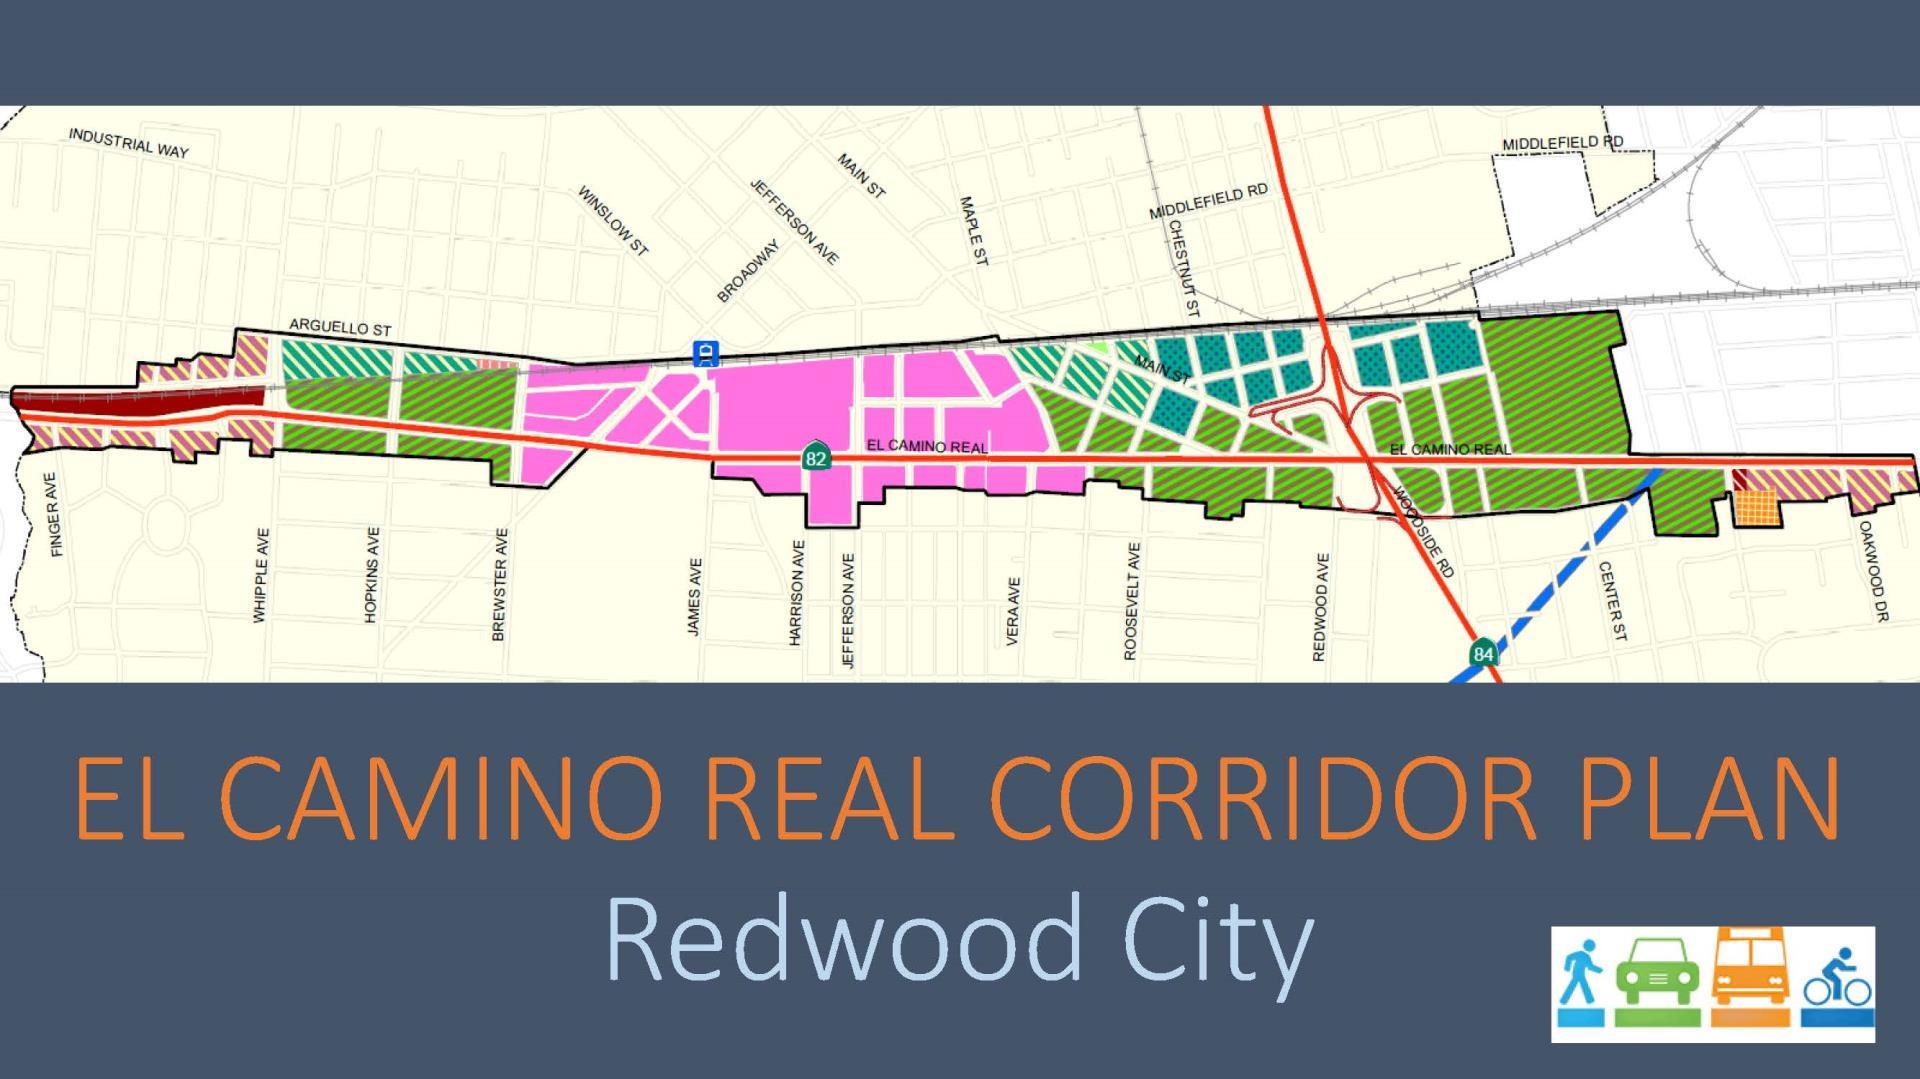 El Camino Real Corridor Plan